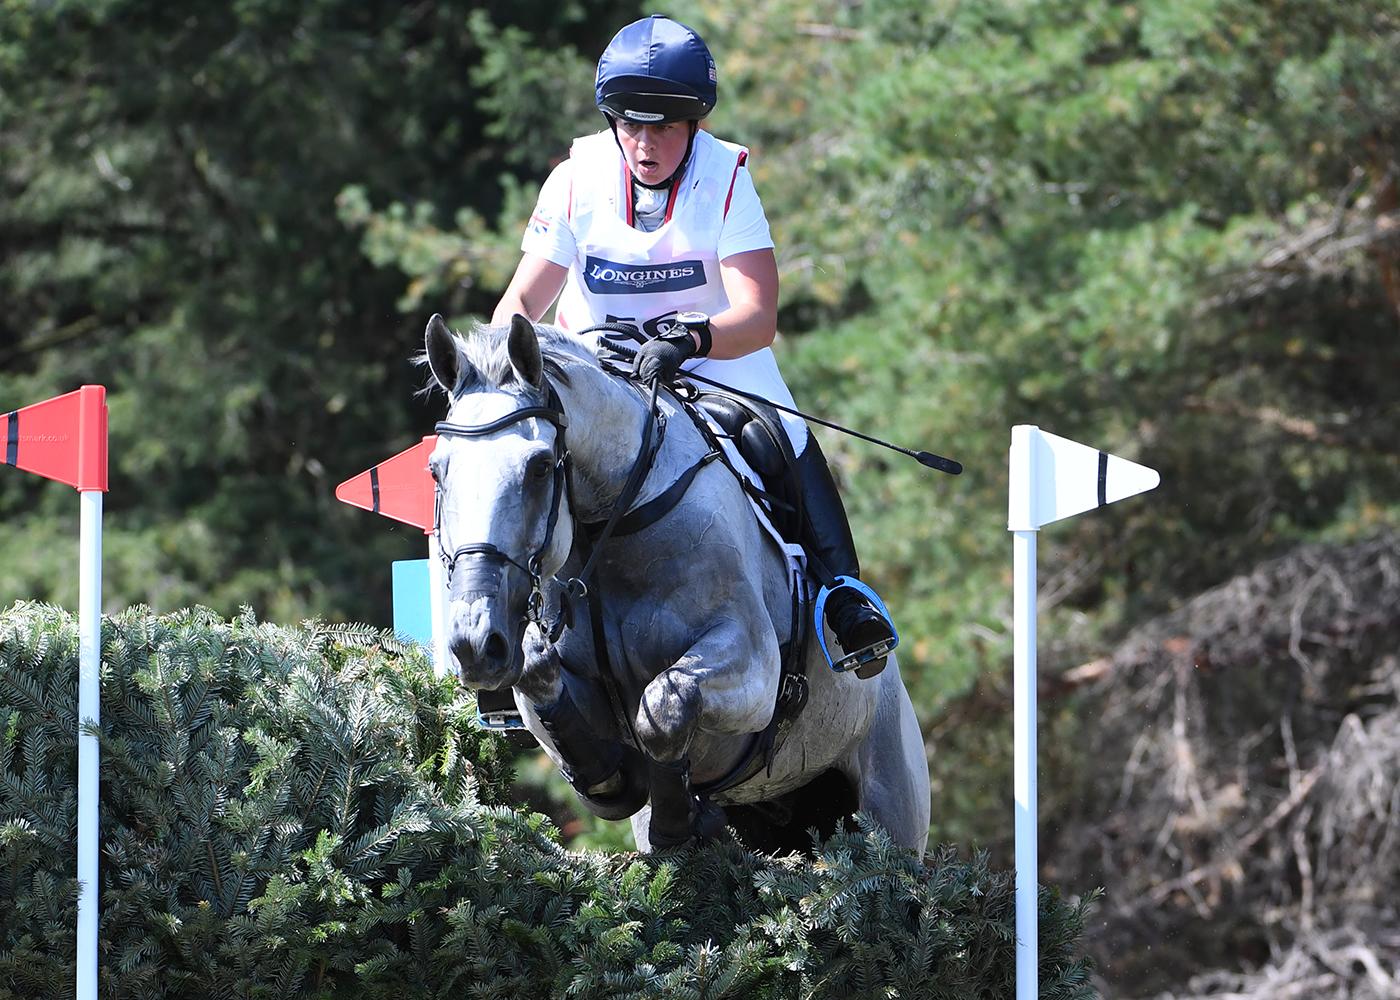 11 momentos que amamos no Campeonato Europeu de Equitação, de cabras peludas a duns e beijos 6